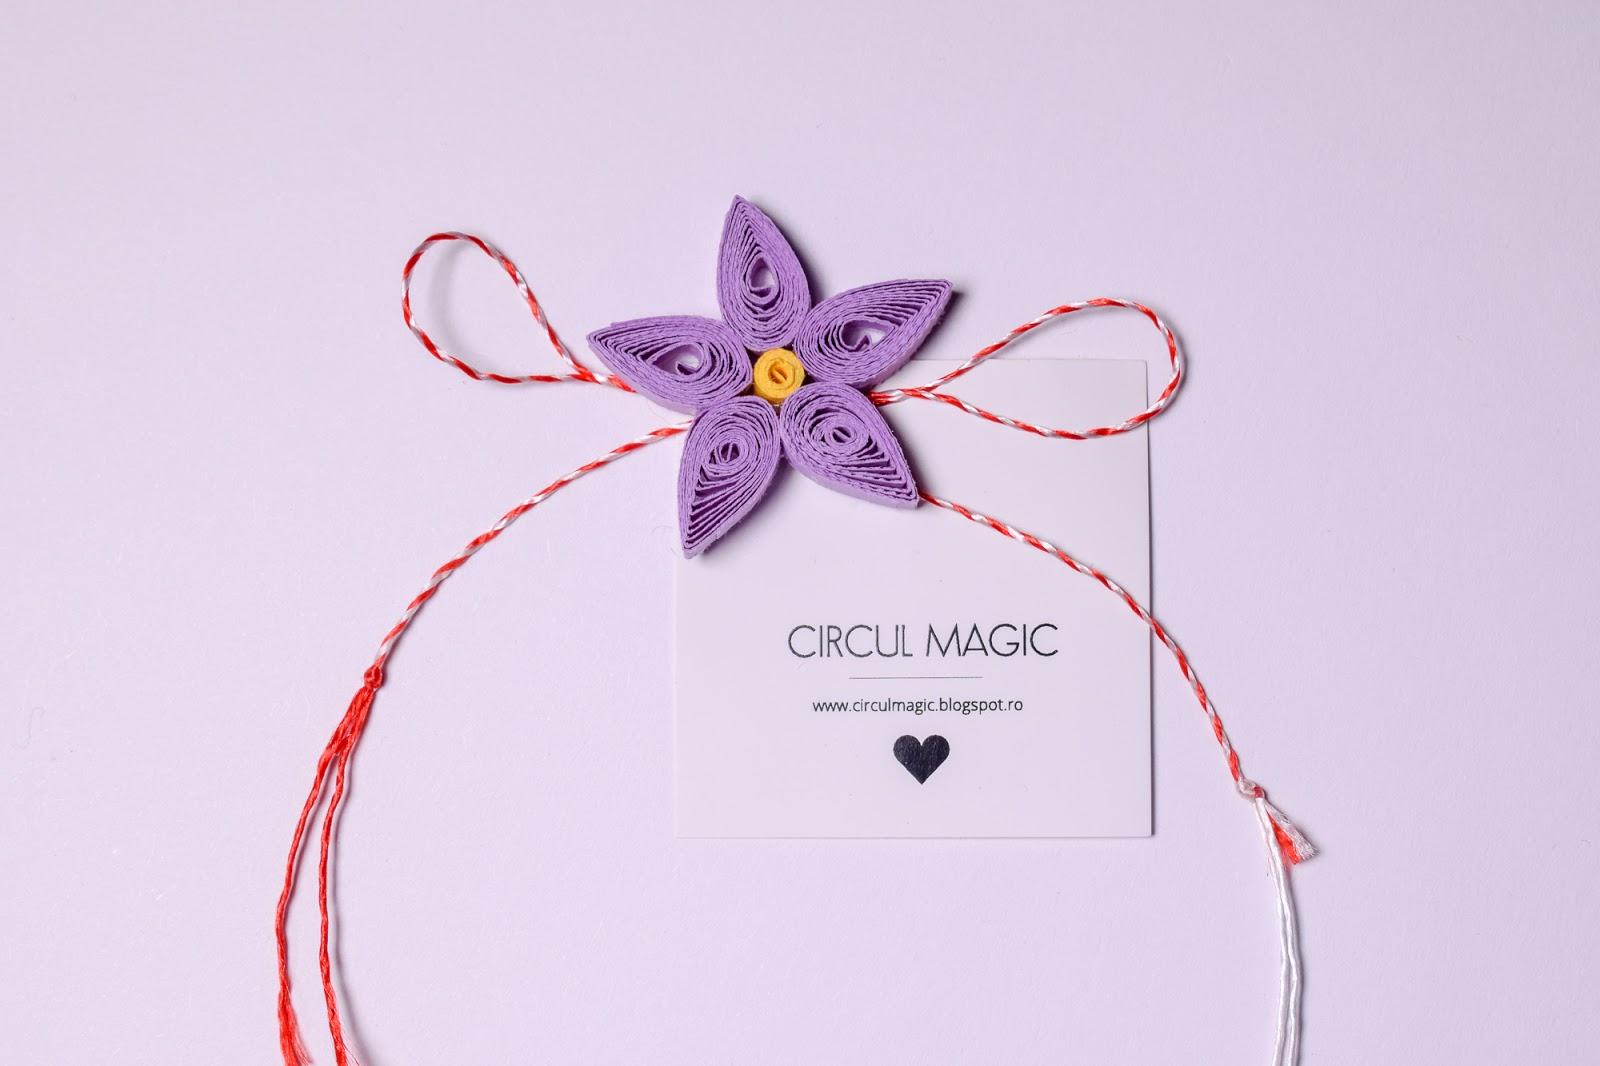 Martisoare Handmade 2018 Quilling - Circul Magic